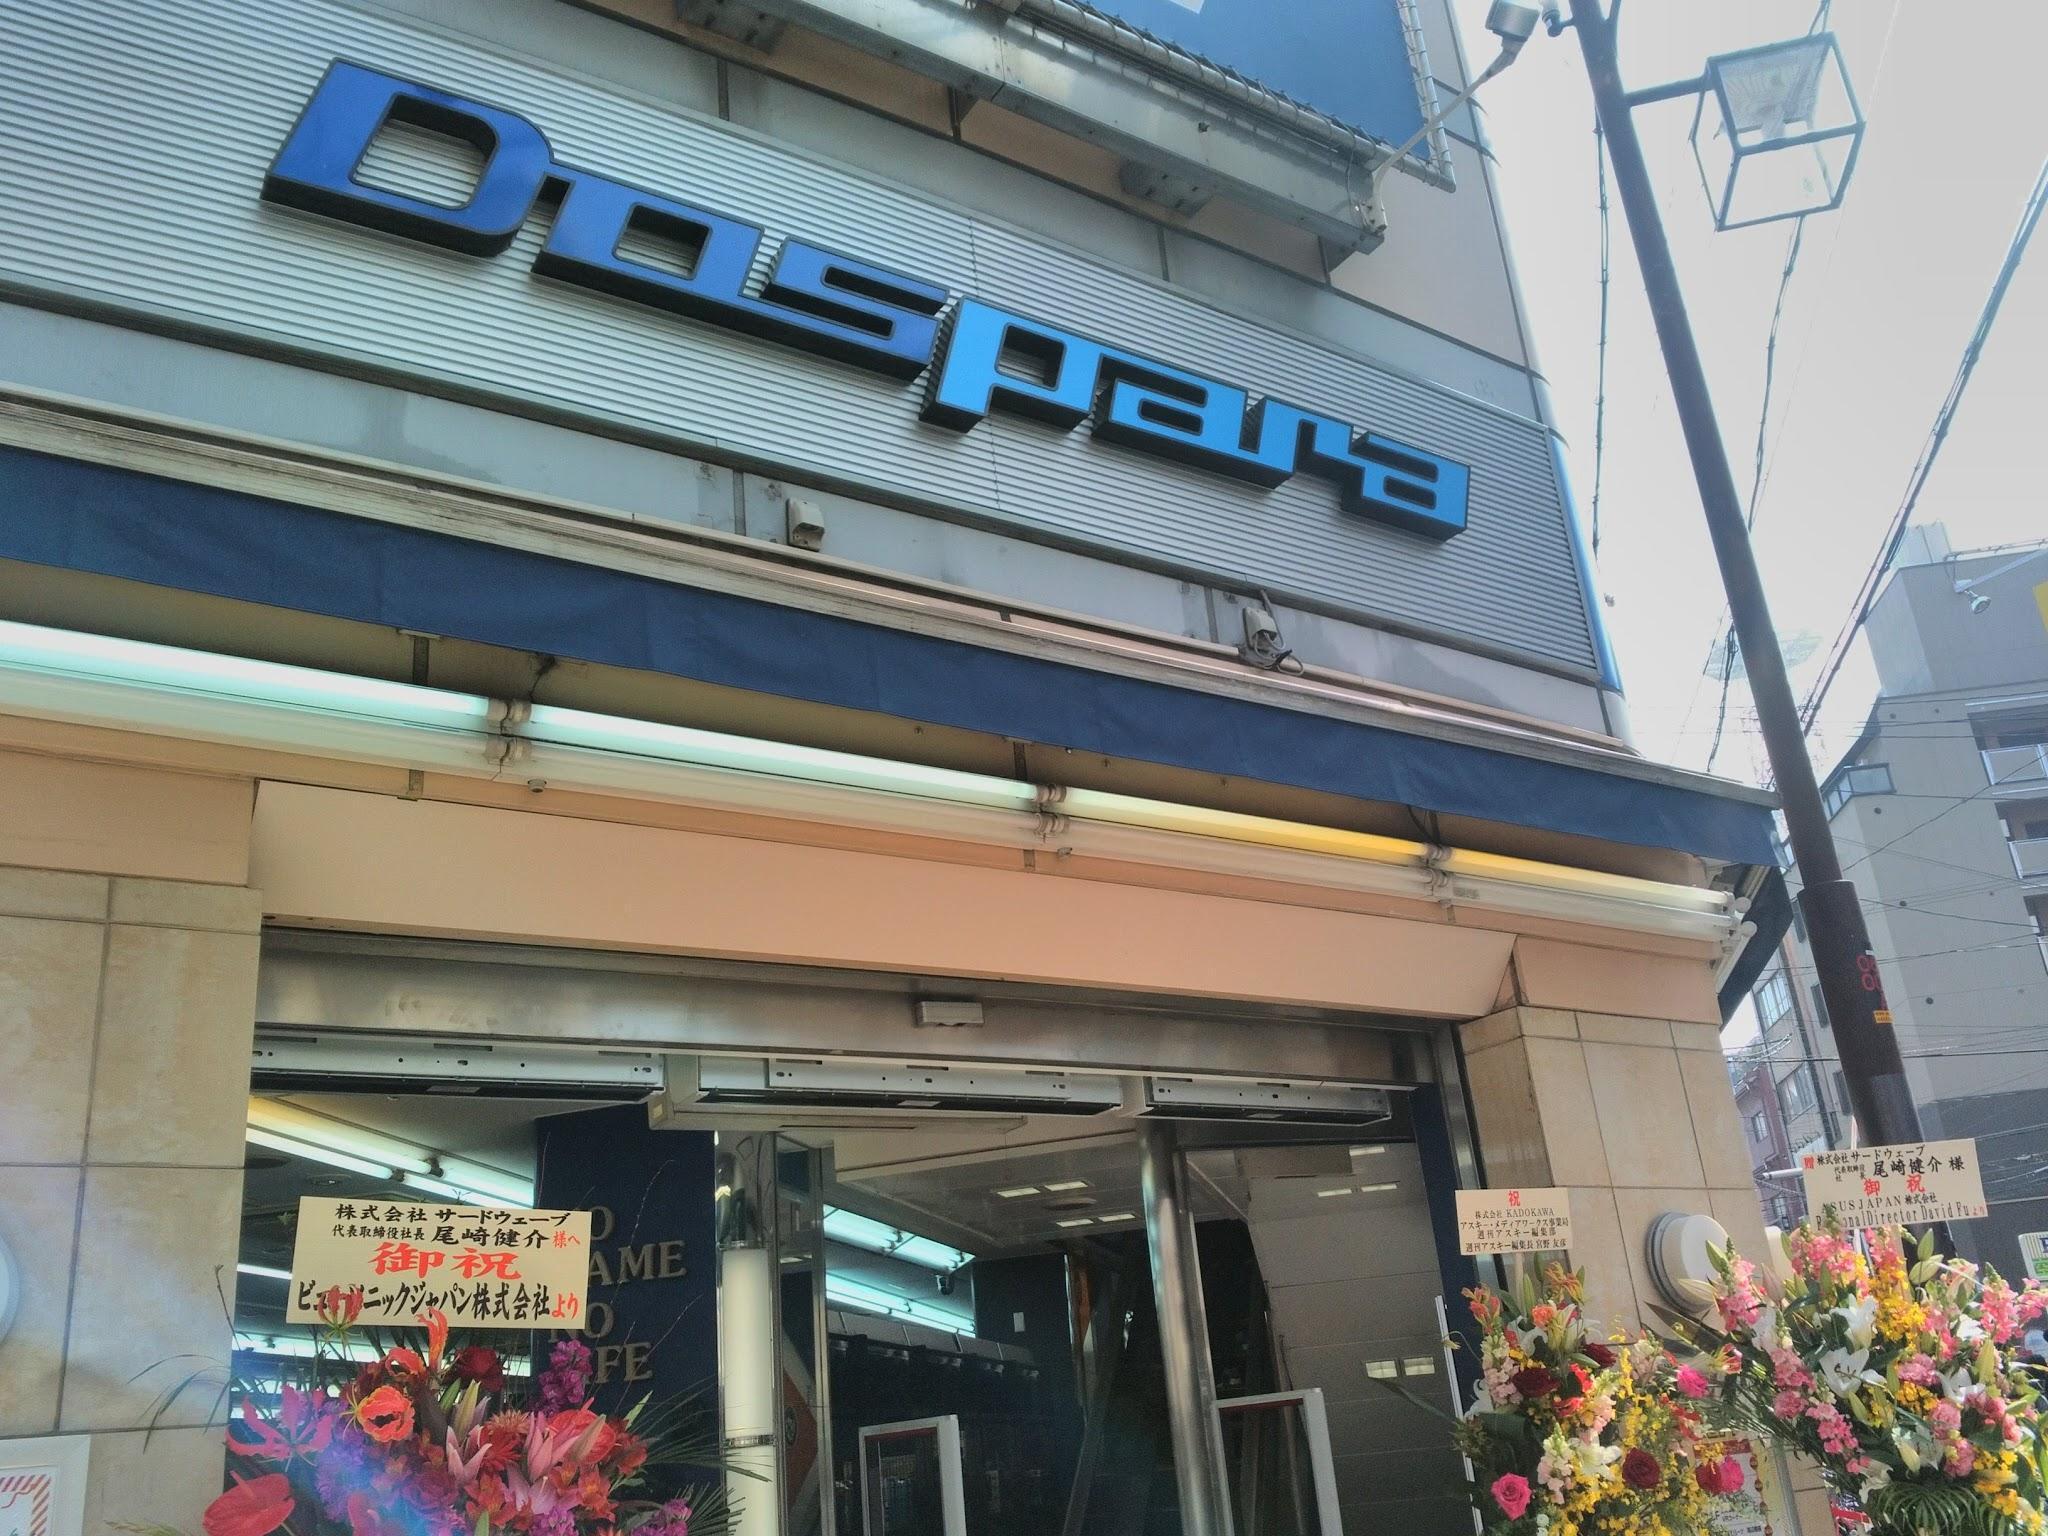 75ef5f09b2 大阪の難波にあるドスパラが新しくなりました。これまではよくある量販店だったのですが、自作コーナーなども設けて、実店舗でしかできないような体験型のお店になっ  ...